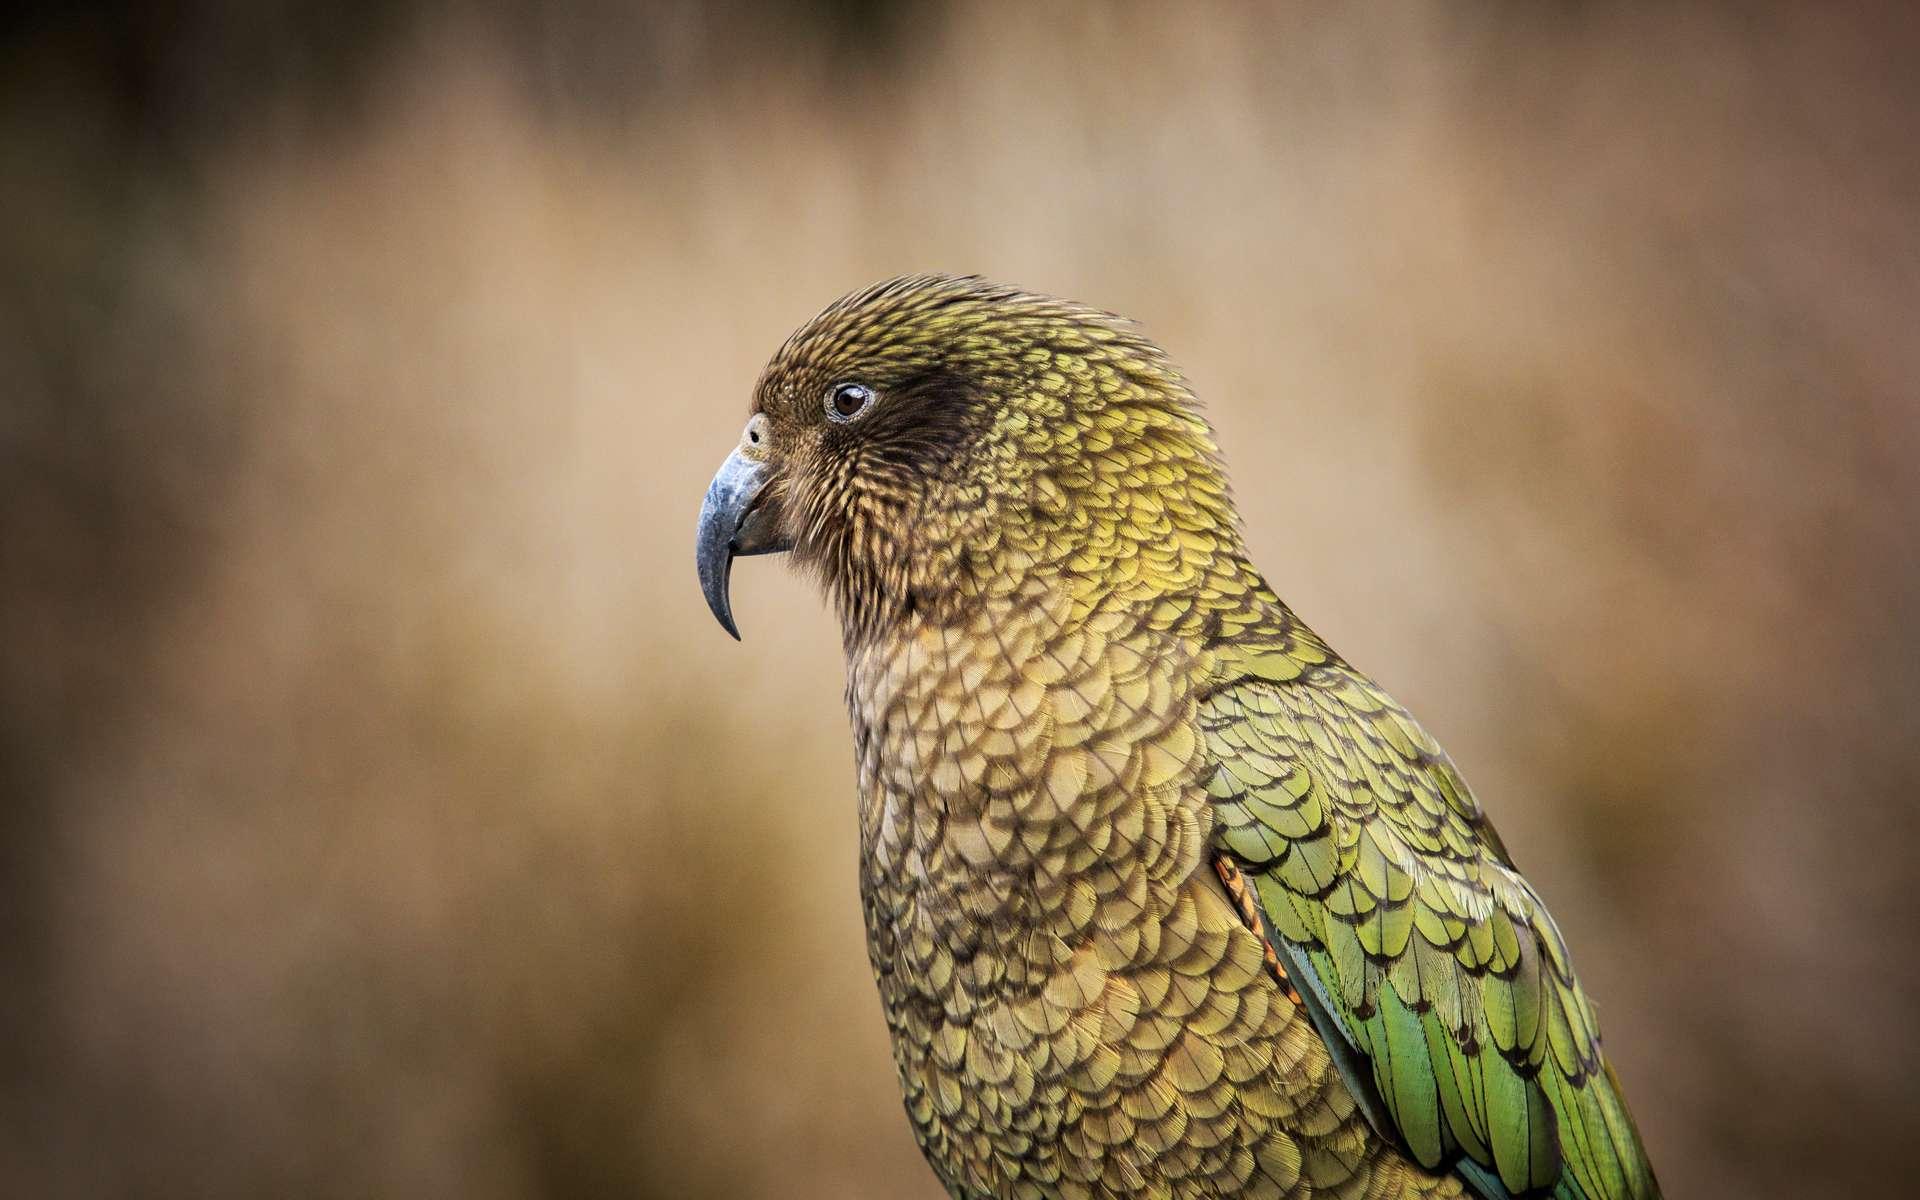 Nestor notabilis est une espèce de perroquet endémique de Nouvelle-Zélande. © Stockphoto mania, Adobe Stock